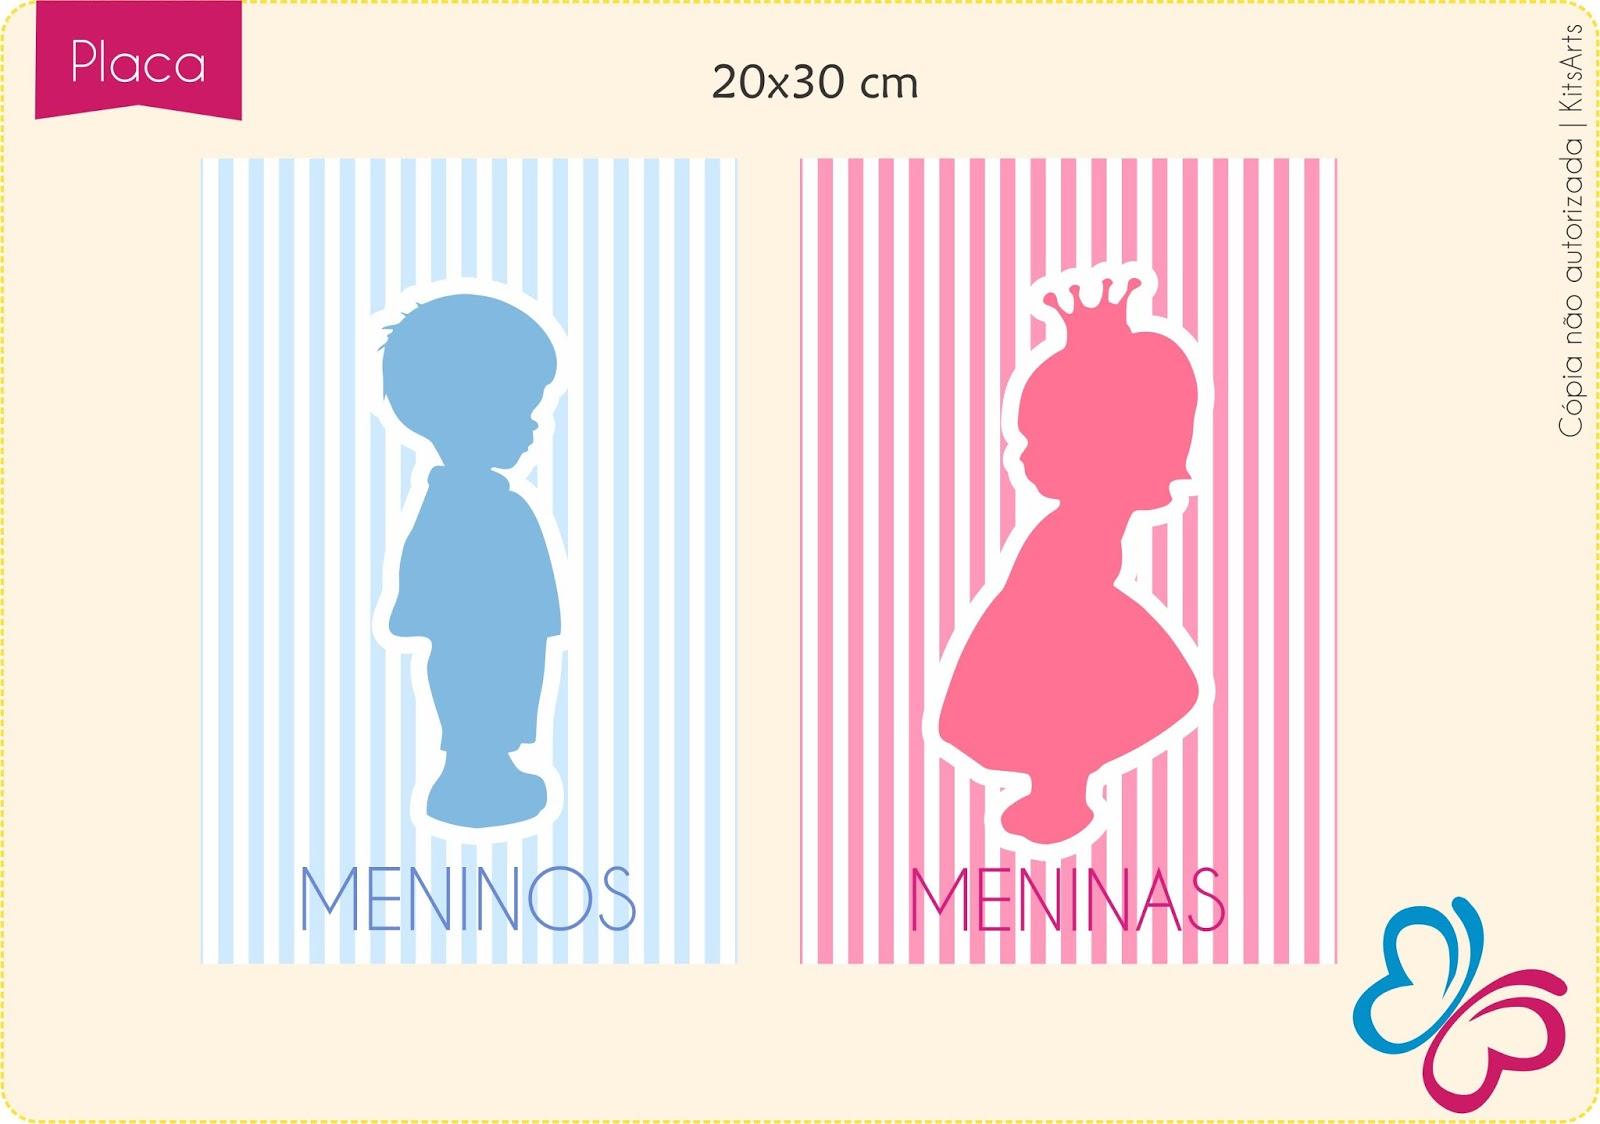 Michelle: Plaquinhas de banheiro para escola (meninos e meninas #BE0250 1600 1124